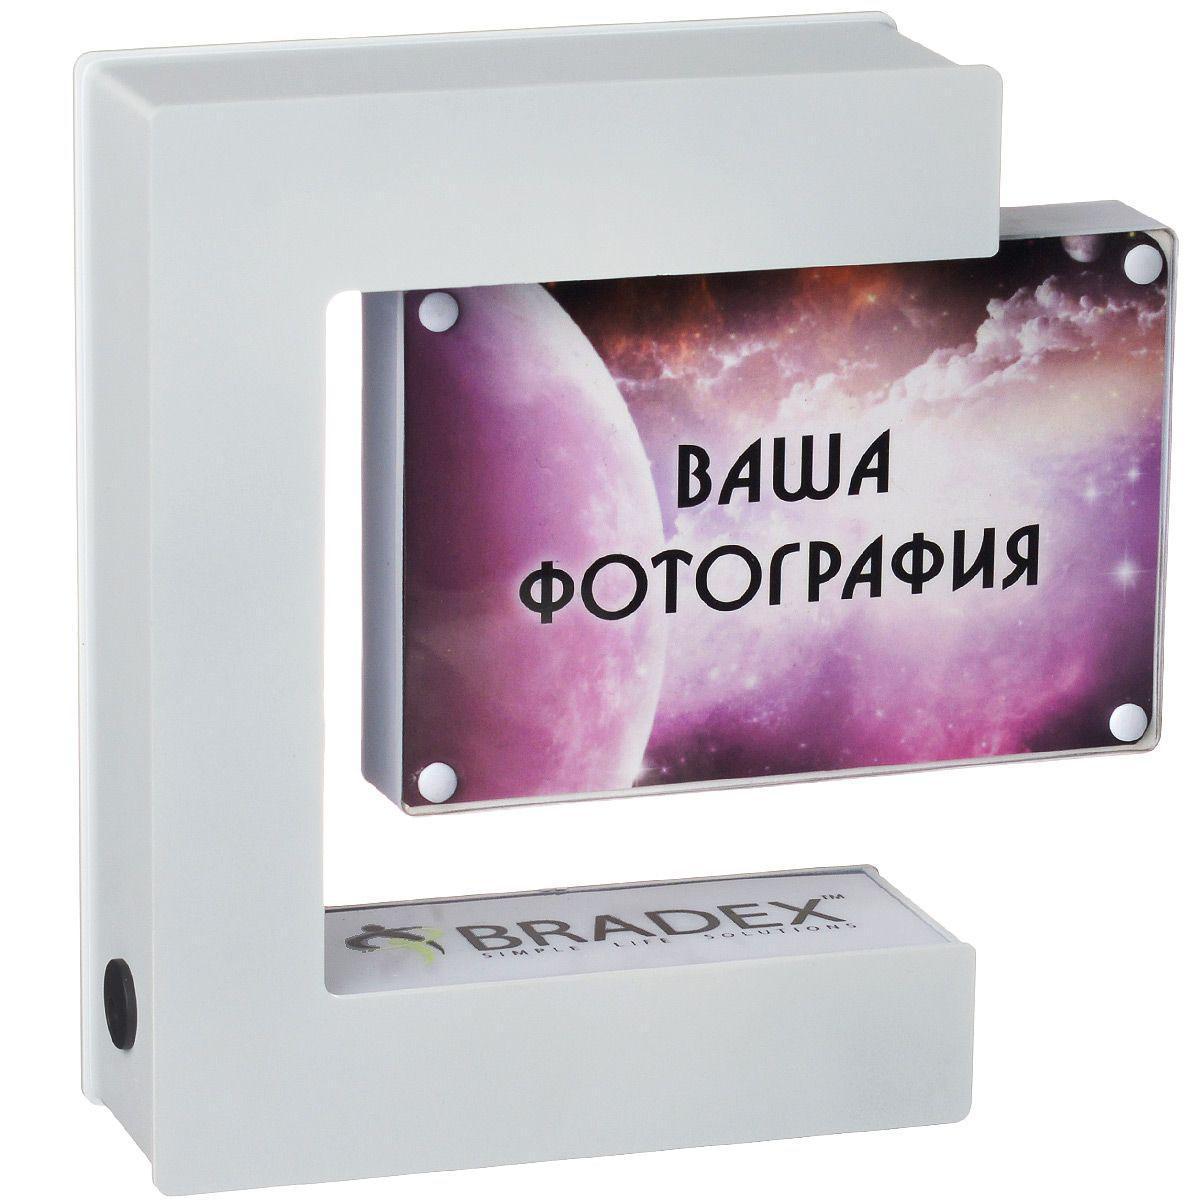 Фоторамка левитирующая Bradex ГалатеяTD 0192Фоторамка Bradex Галатея выполнена из высококачественного пластика. Вашему другу или коллеге, безусловно, понравится рамка для фото, которая парит в воздухе. Принцип такого волшебства довольно прост и не противоречит основным законам физики. Работа летающей электромагнитной фоторамки основана на выталкивании встроенного в фоторамку магнита магнитным же полем, которое создается подставкой. При выключении электричества фоторамка прилипает к верхней части подставки. Также фоторамка имеет встроенную подсветку, что придаст в темное время суток особый колорит этому предмету интерьера. Имеется возможность вставить две фотографии стандартных размеров с двух сторон рамки, а если рамку раскрутить во включенном состоянии, то вы сможете наслаждаться красивой панорамой меняющихся фото. Оригинальное решение для любого интерьера дома или в офисе.